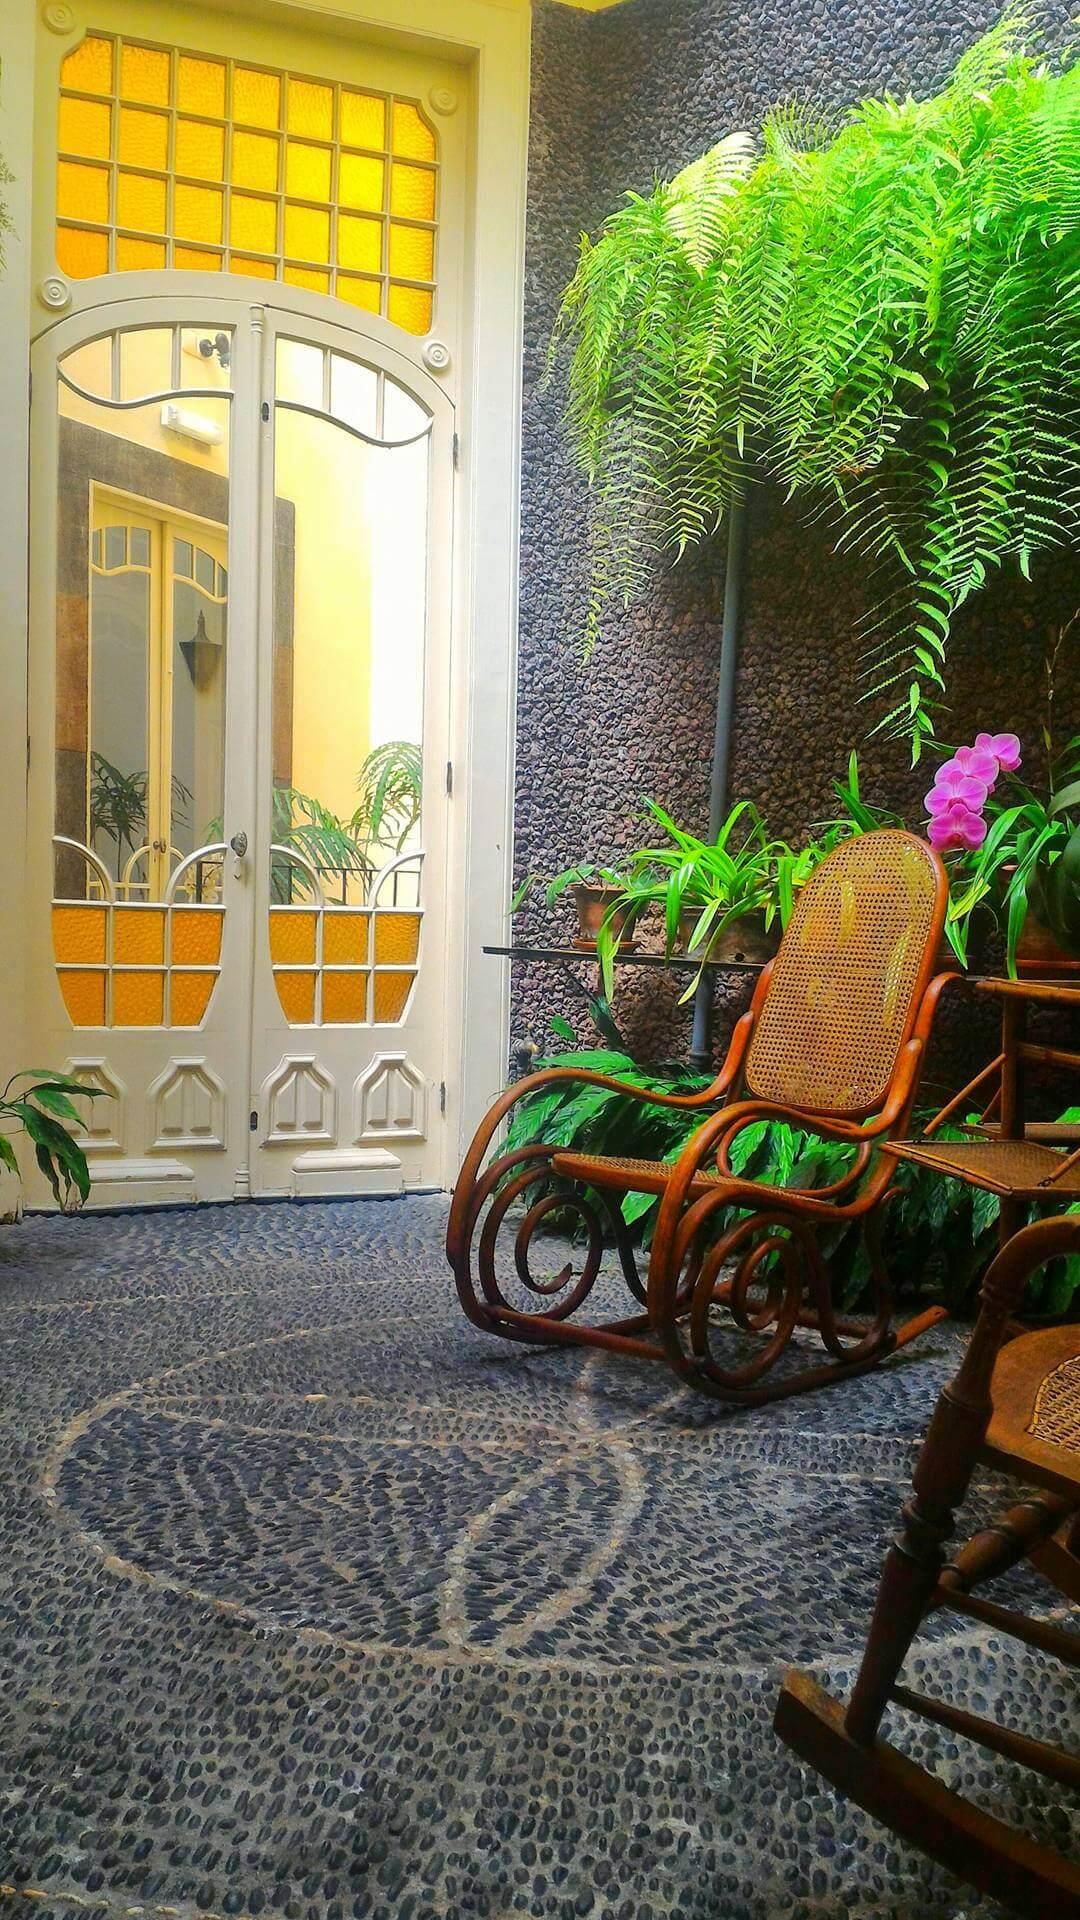 mobiliário de jardim funchal:Se puderem façam uma visita à Casa Museu Frederico de Freitas , a